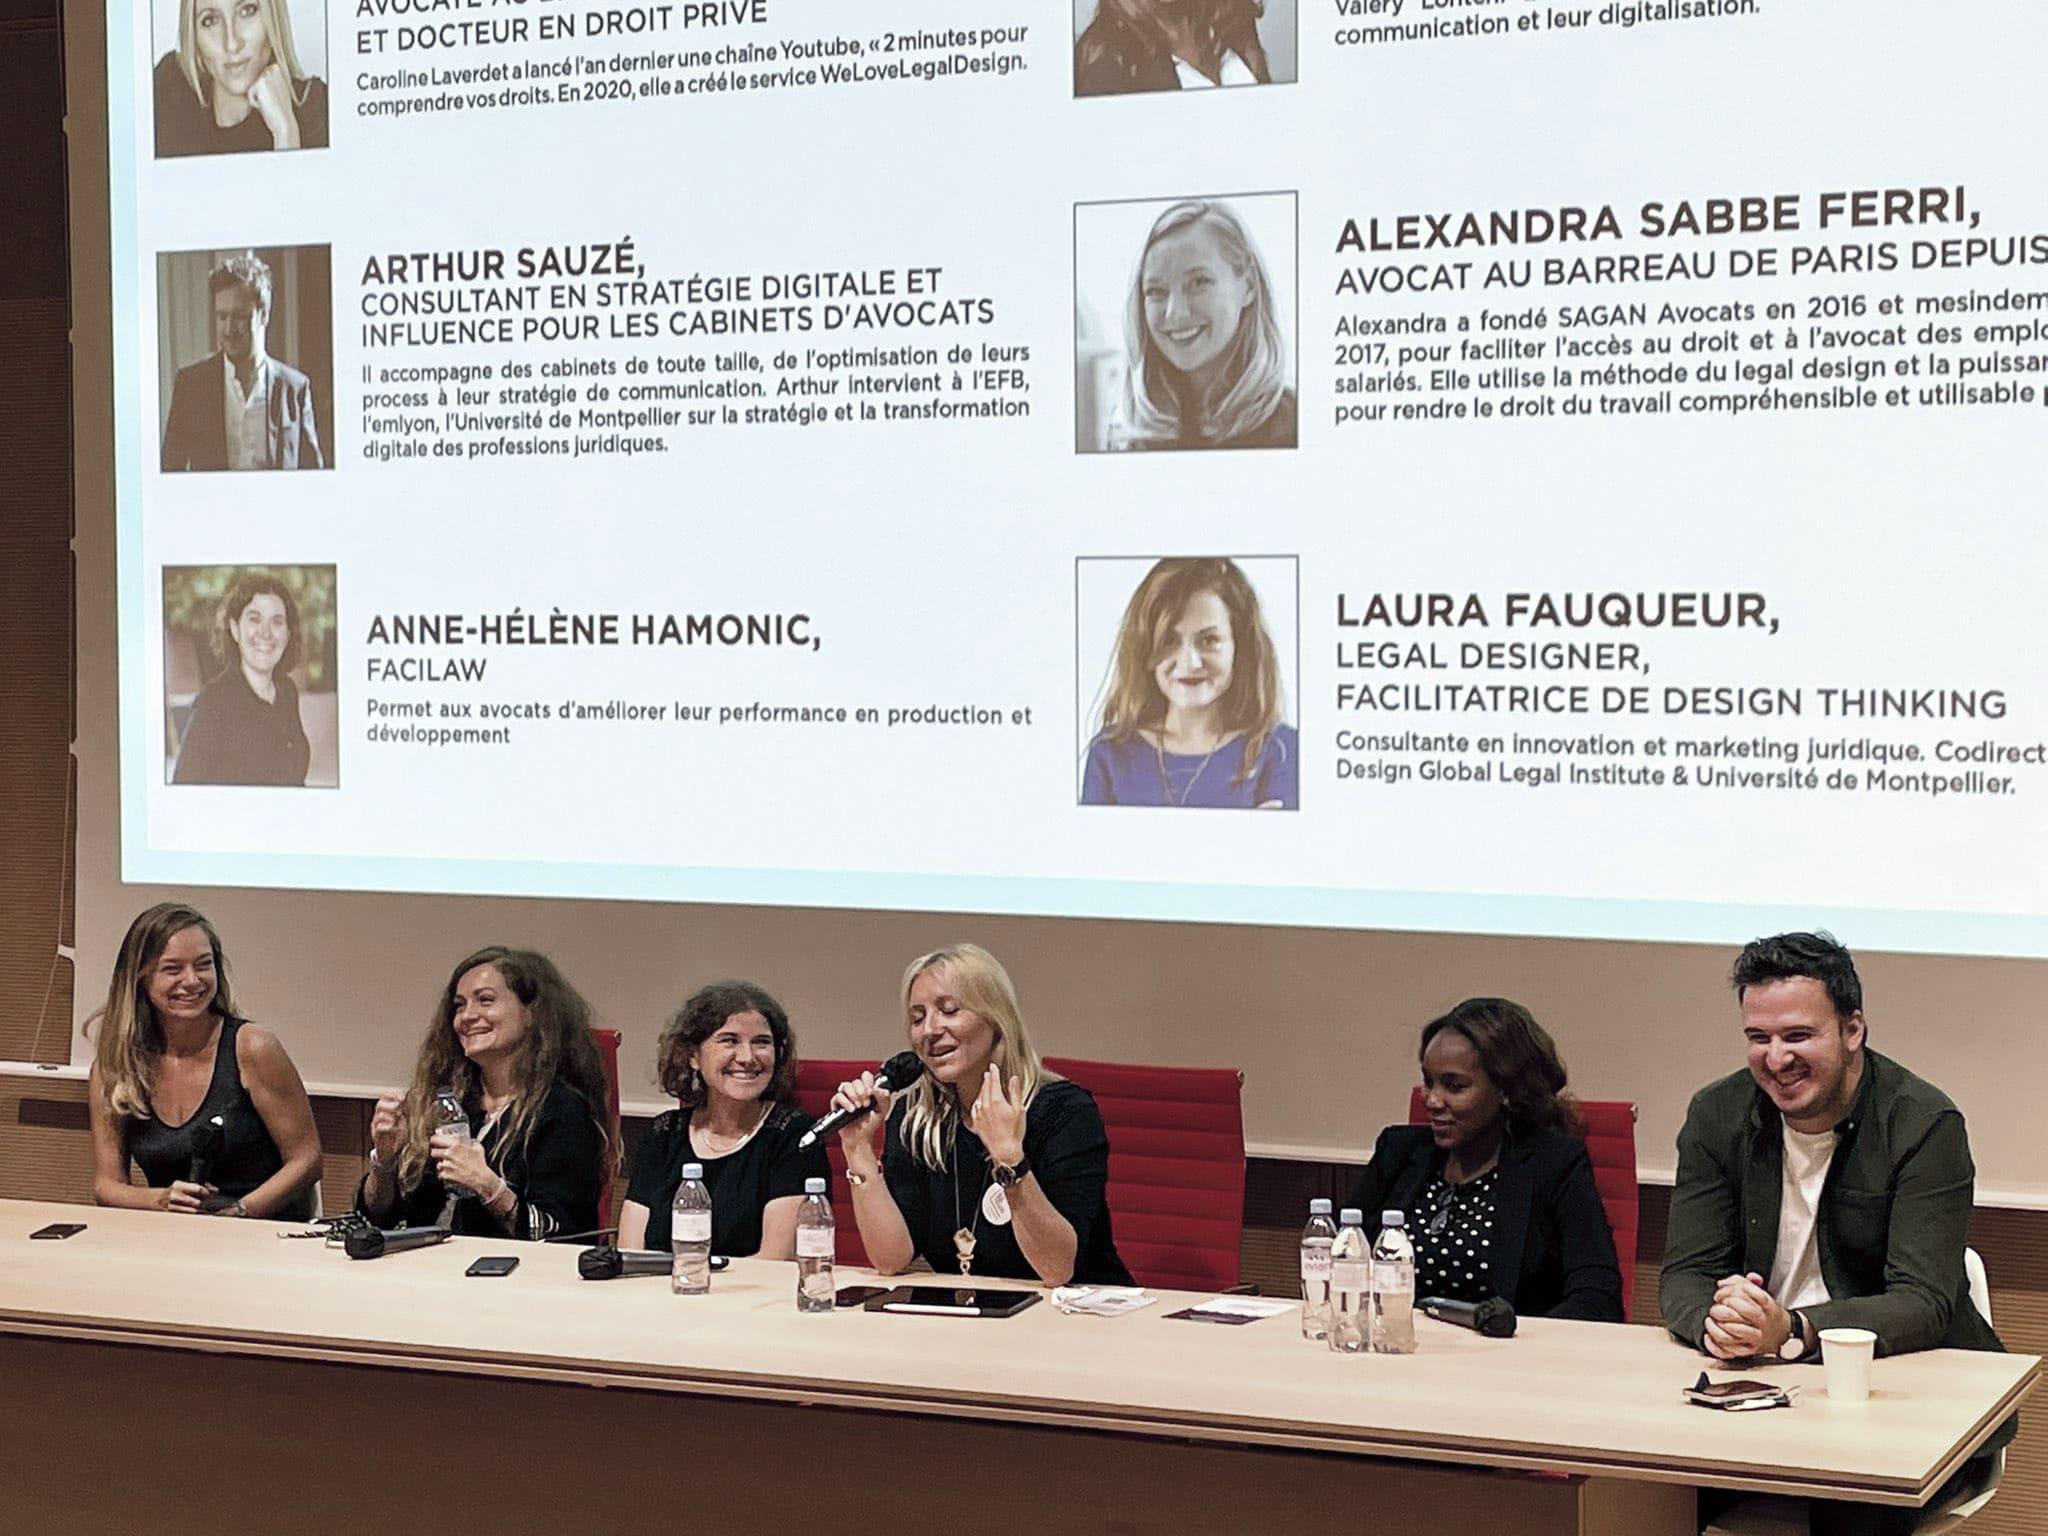 Deuxième conférence de la journée du numérique consacré à l'identité et la communication des avocats